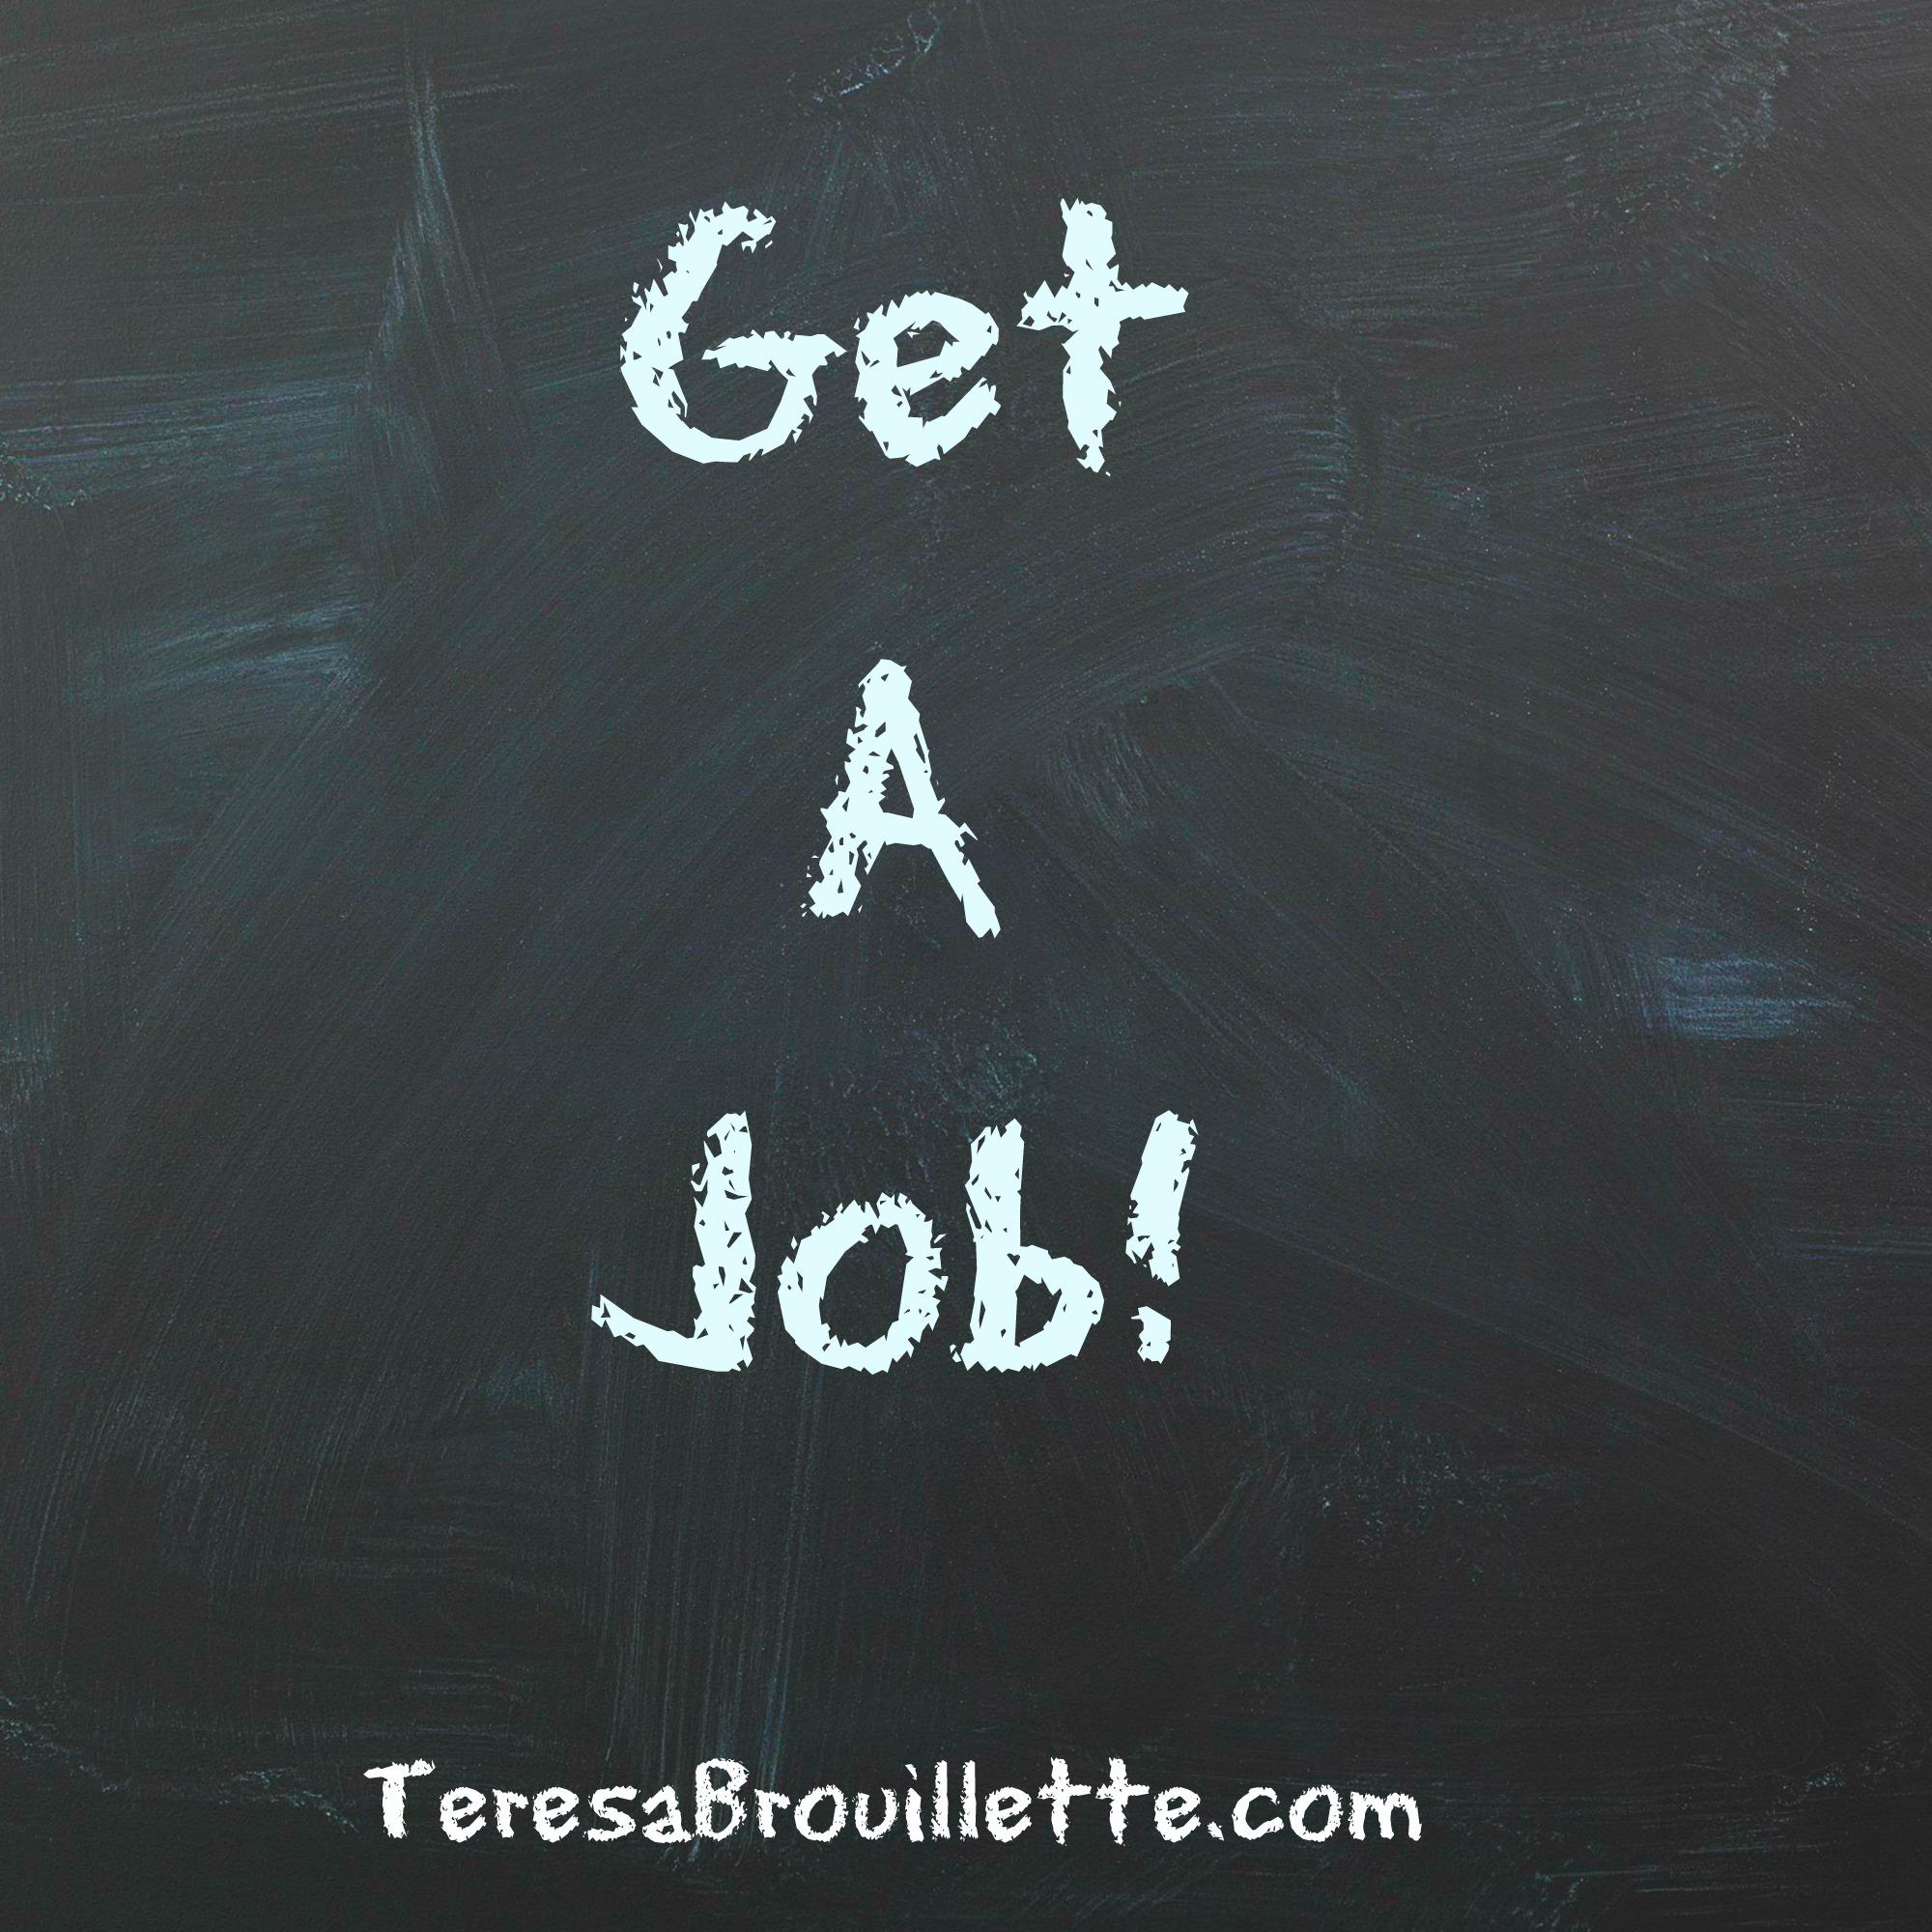 Homeschooling: Mom Is Unemployed - Teresa Brouillette